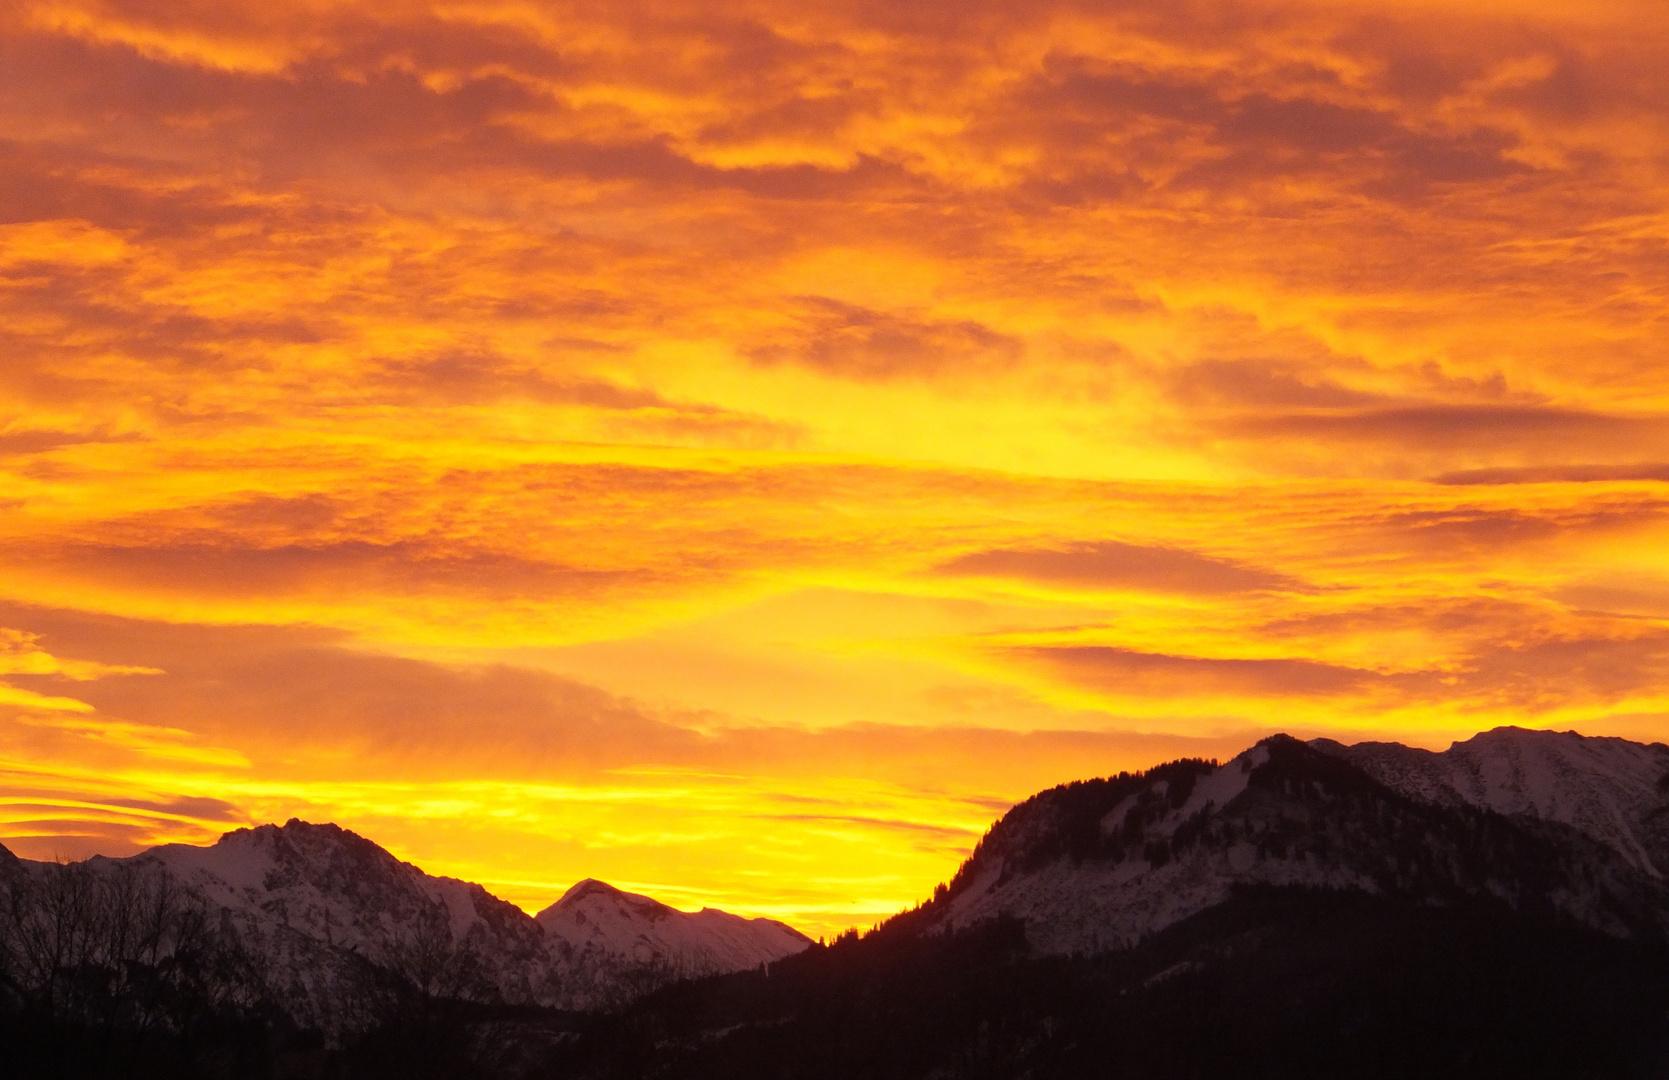 Sonnenaufgang ín den Bergen